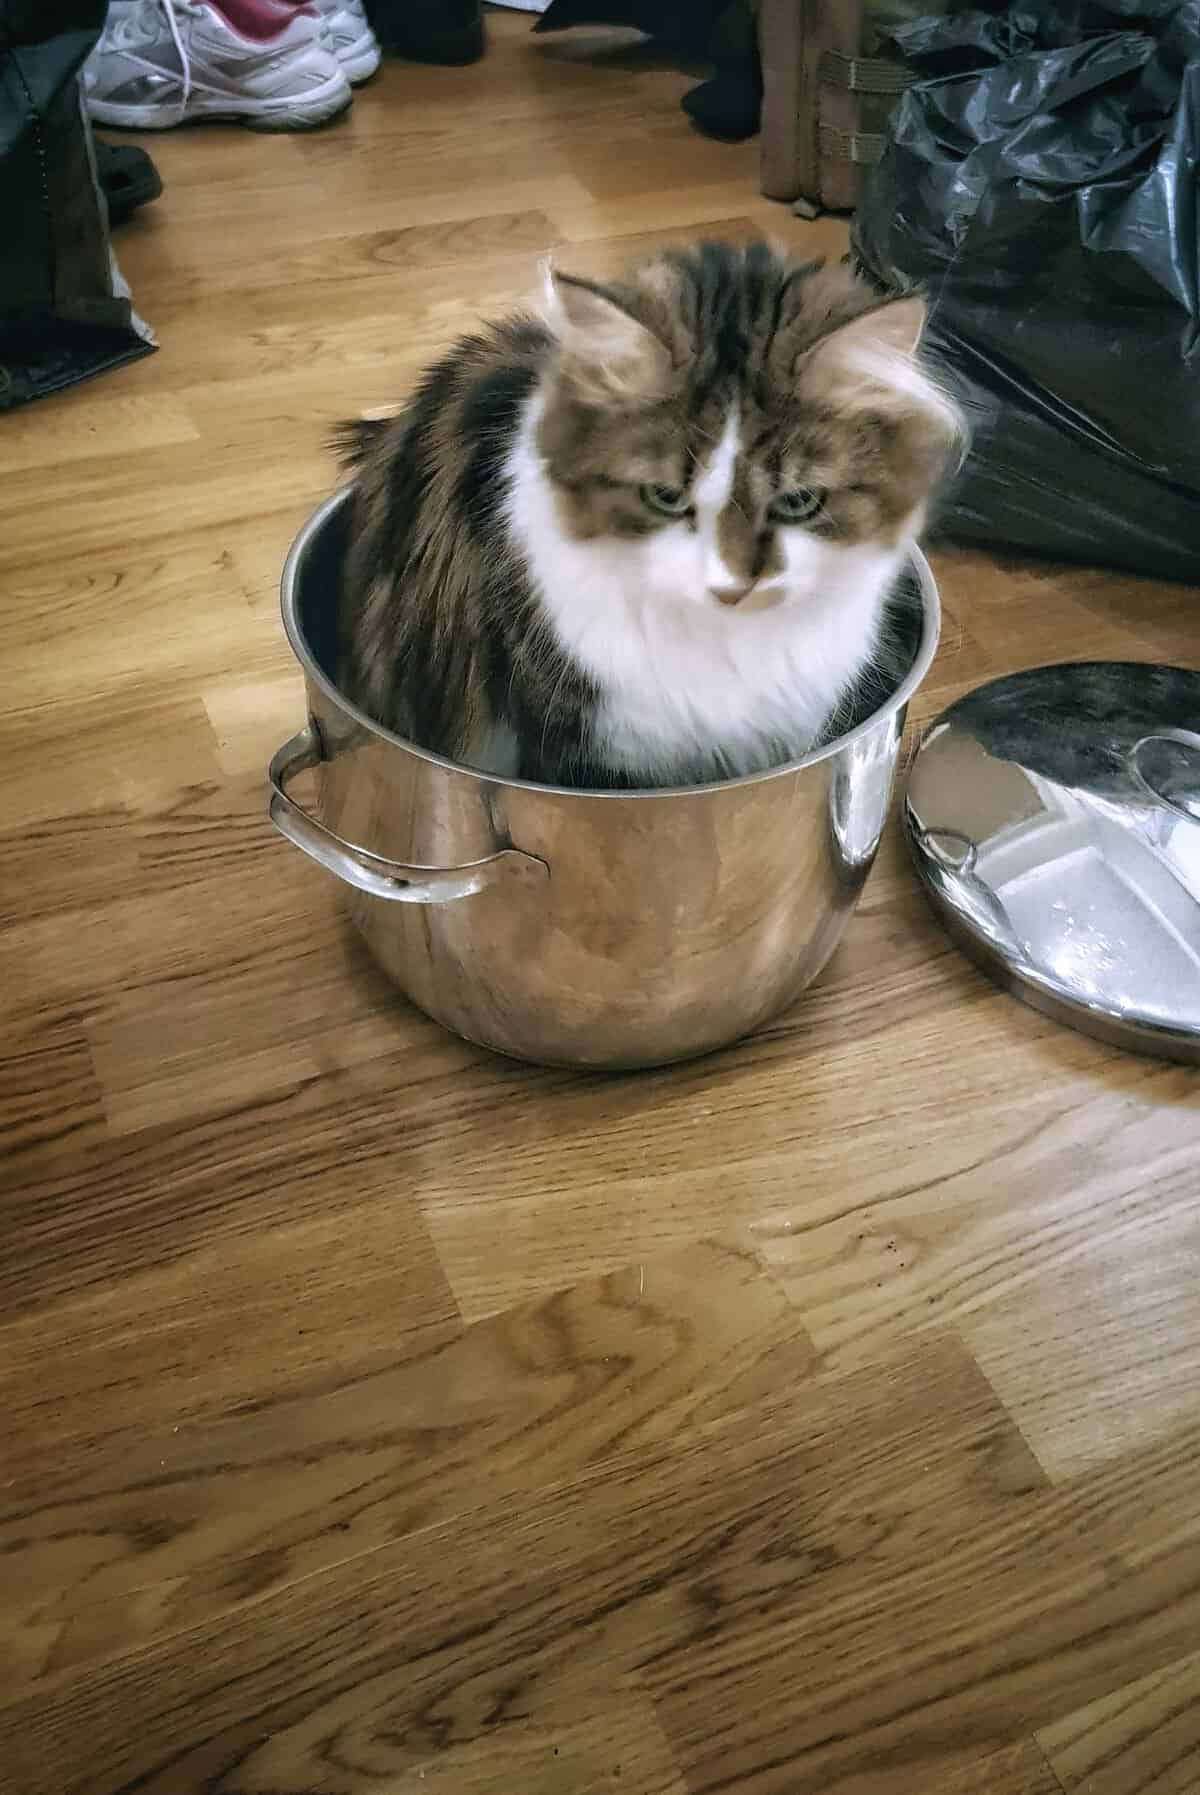 Katt i kastrullen - eller hår i maten?